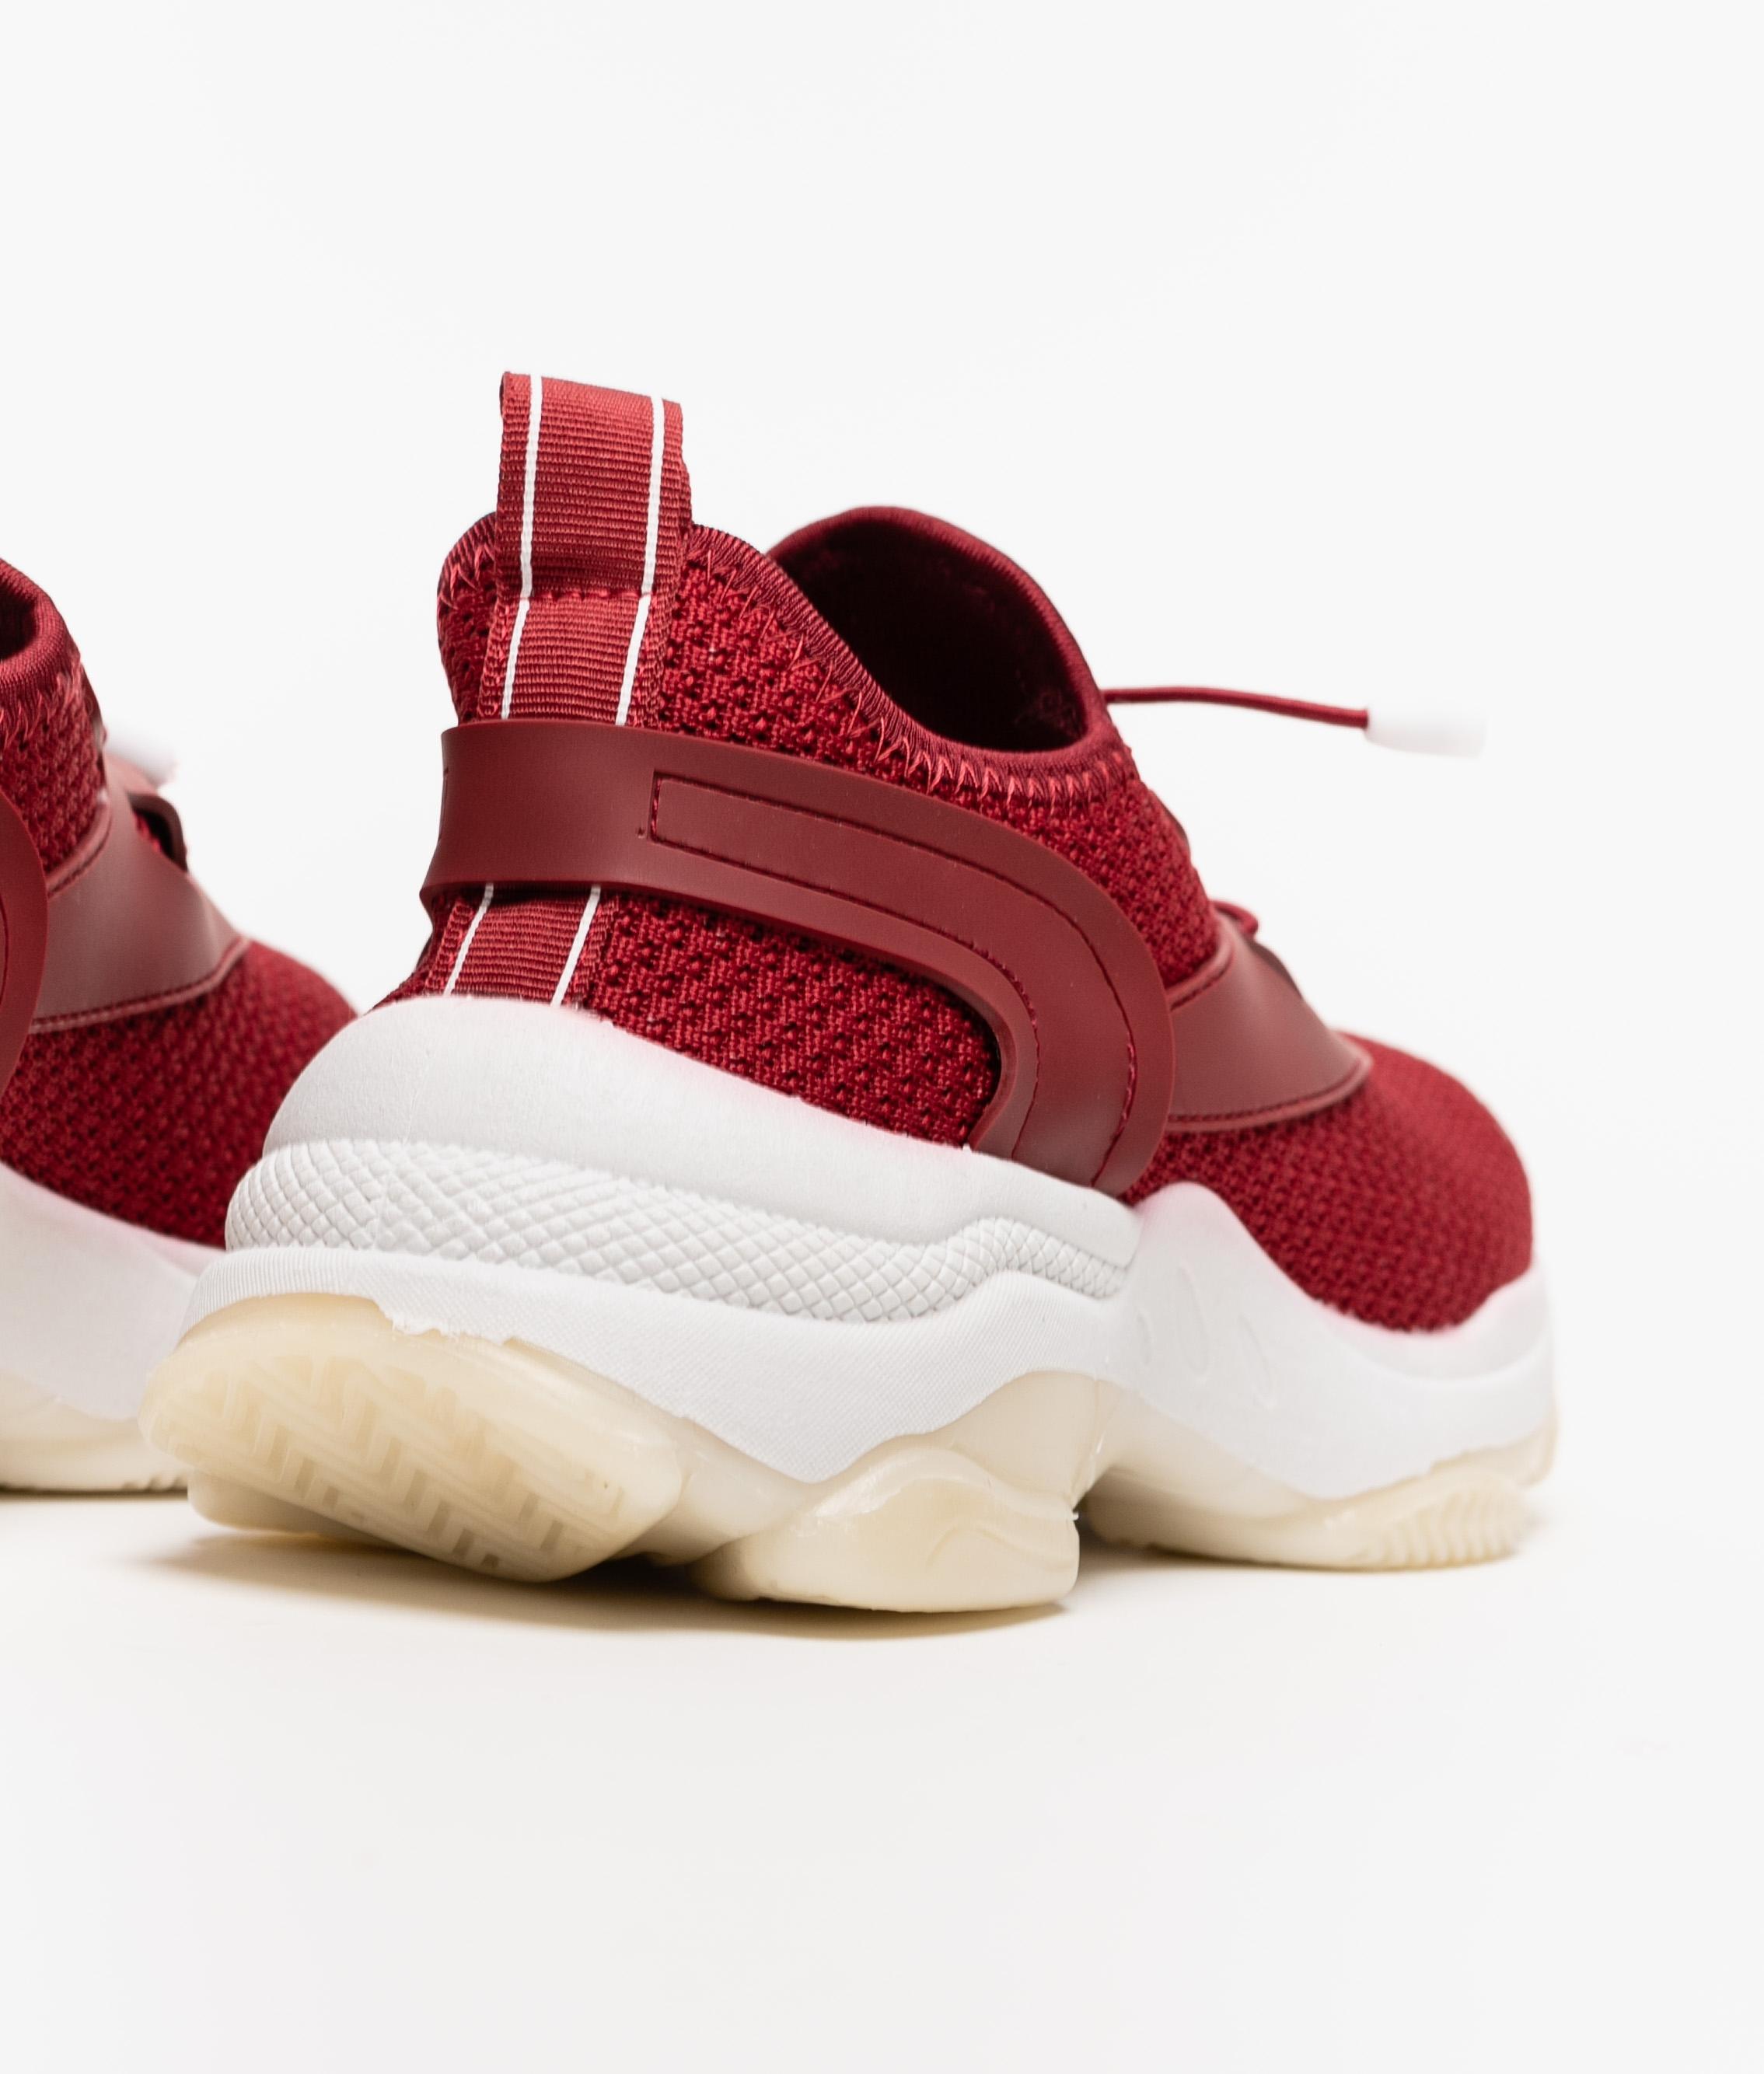 Sneakers Pumel - Vermelho